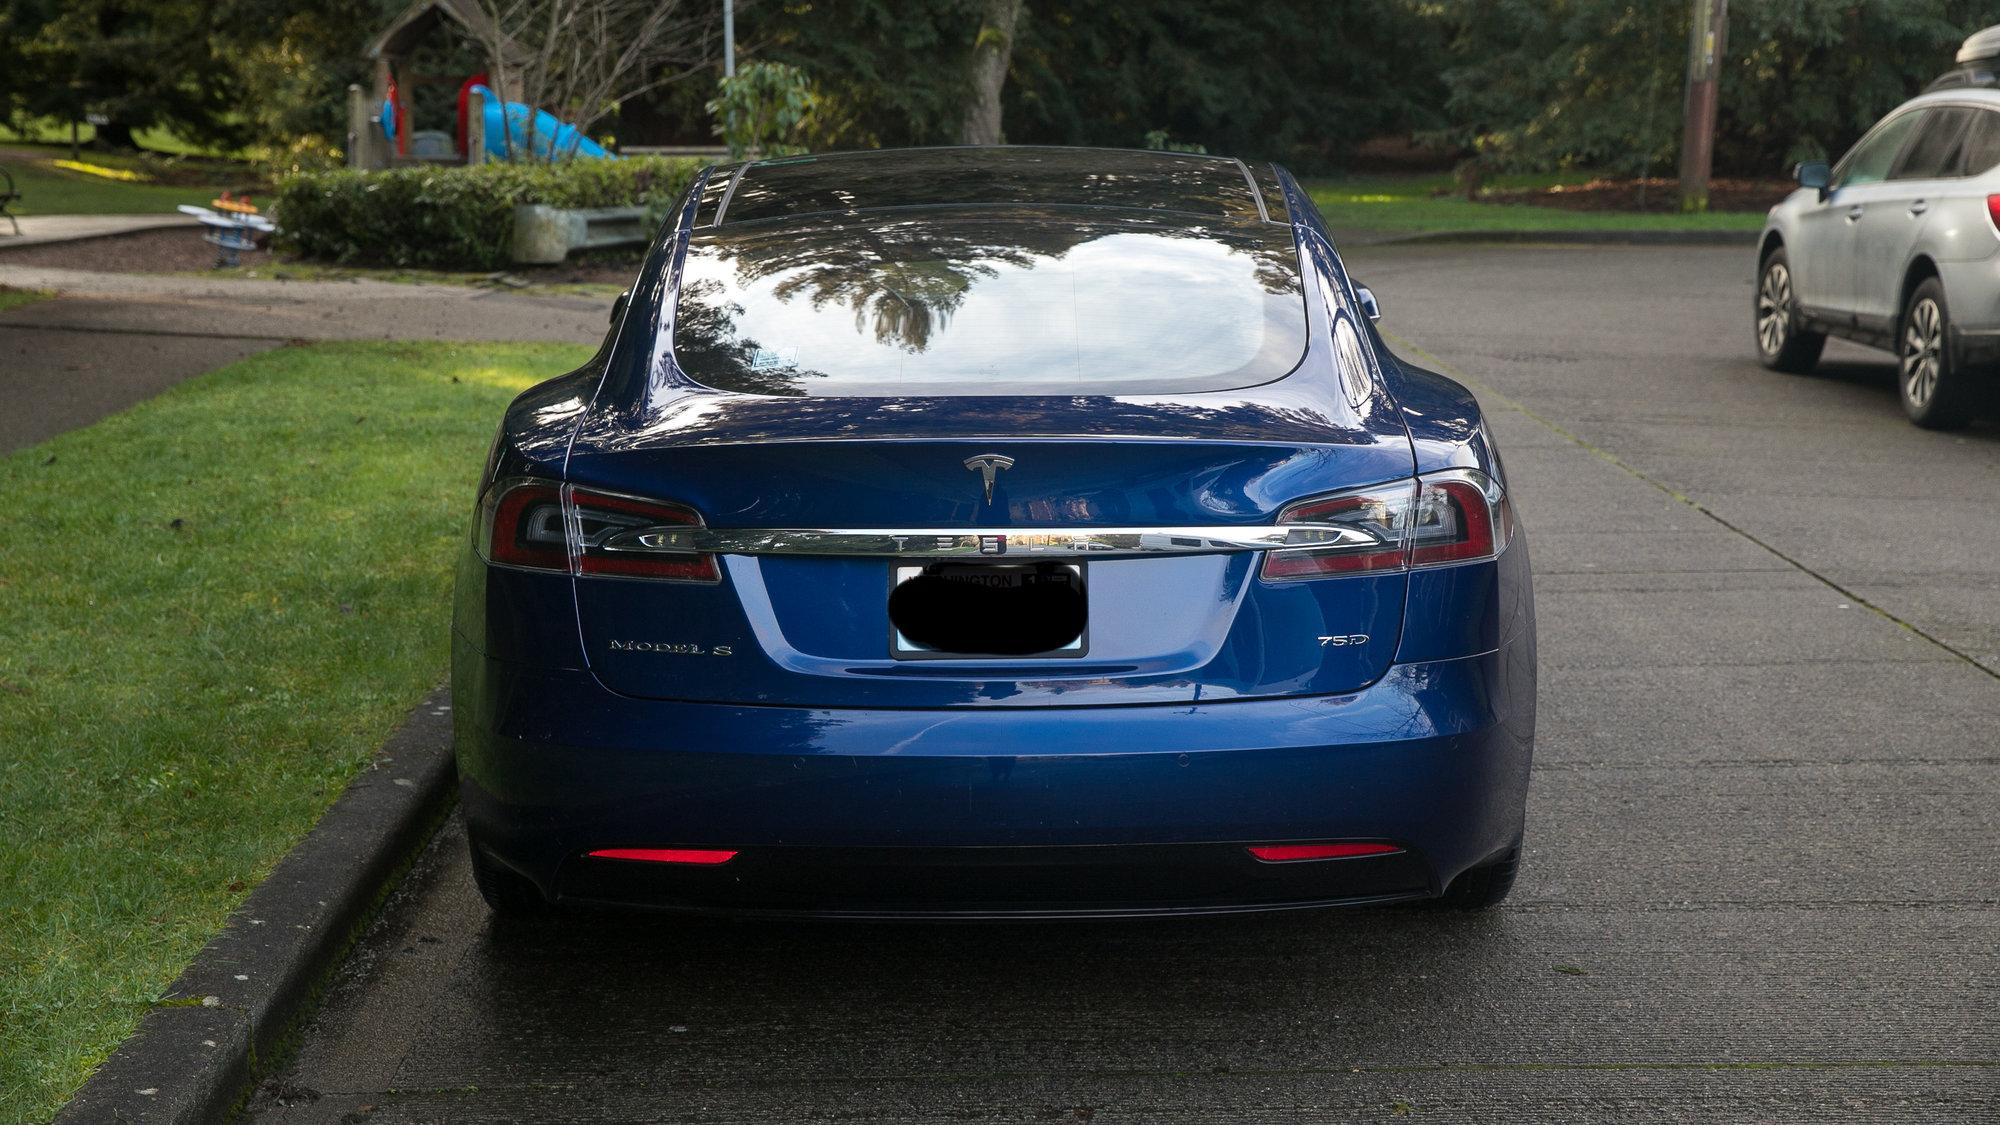 3Tessie rear view.jpeg